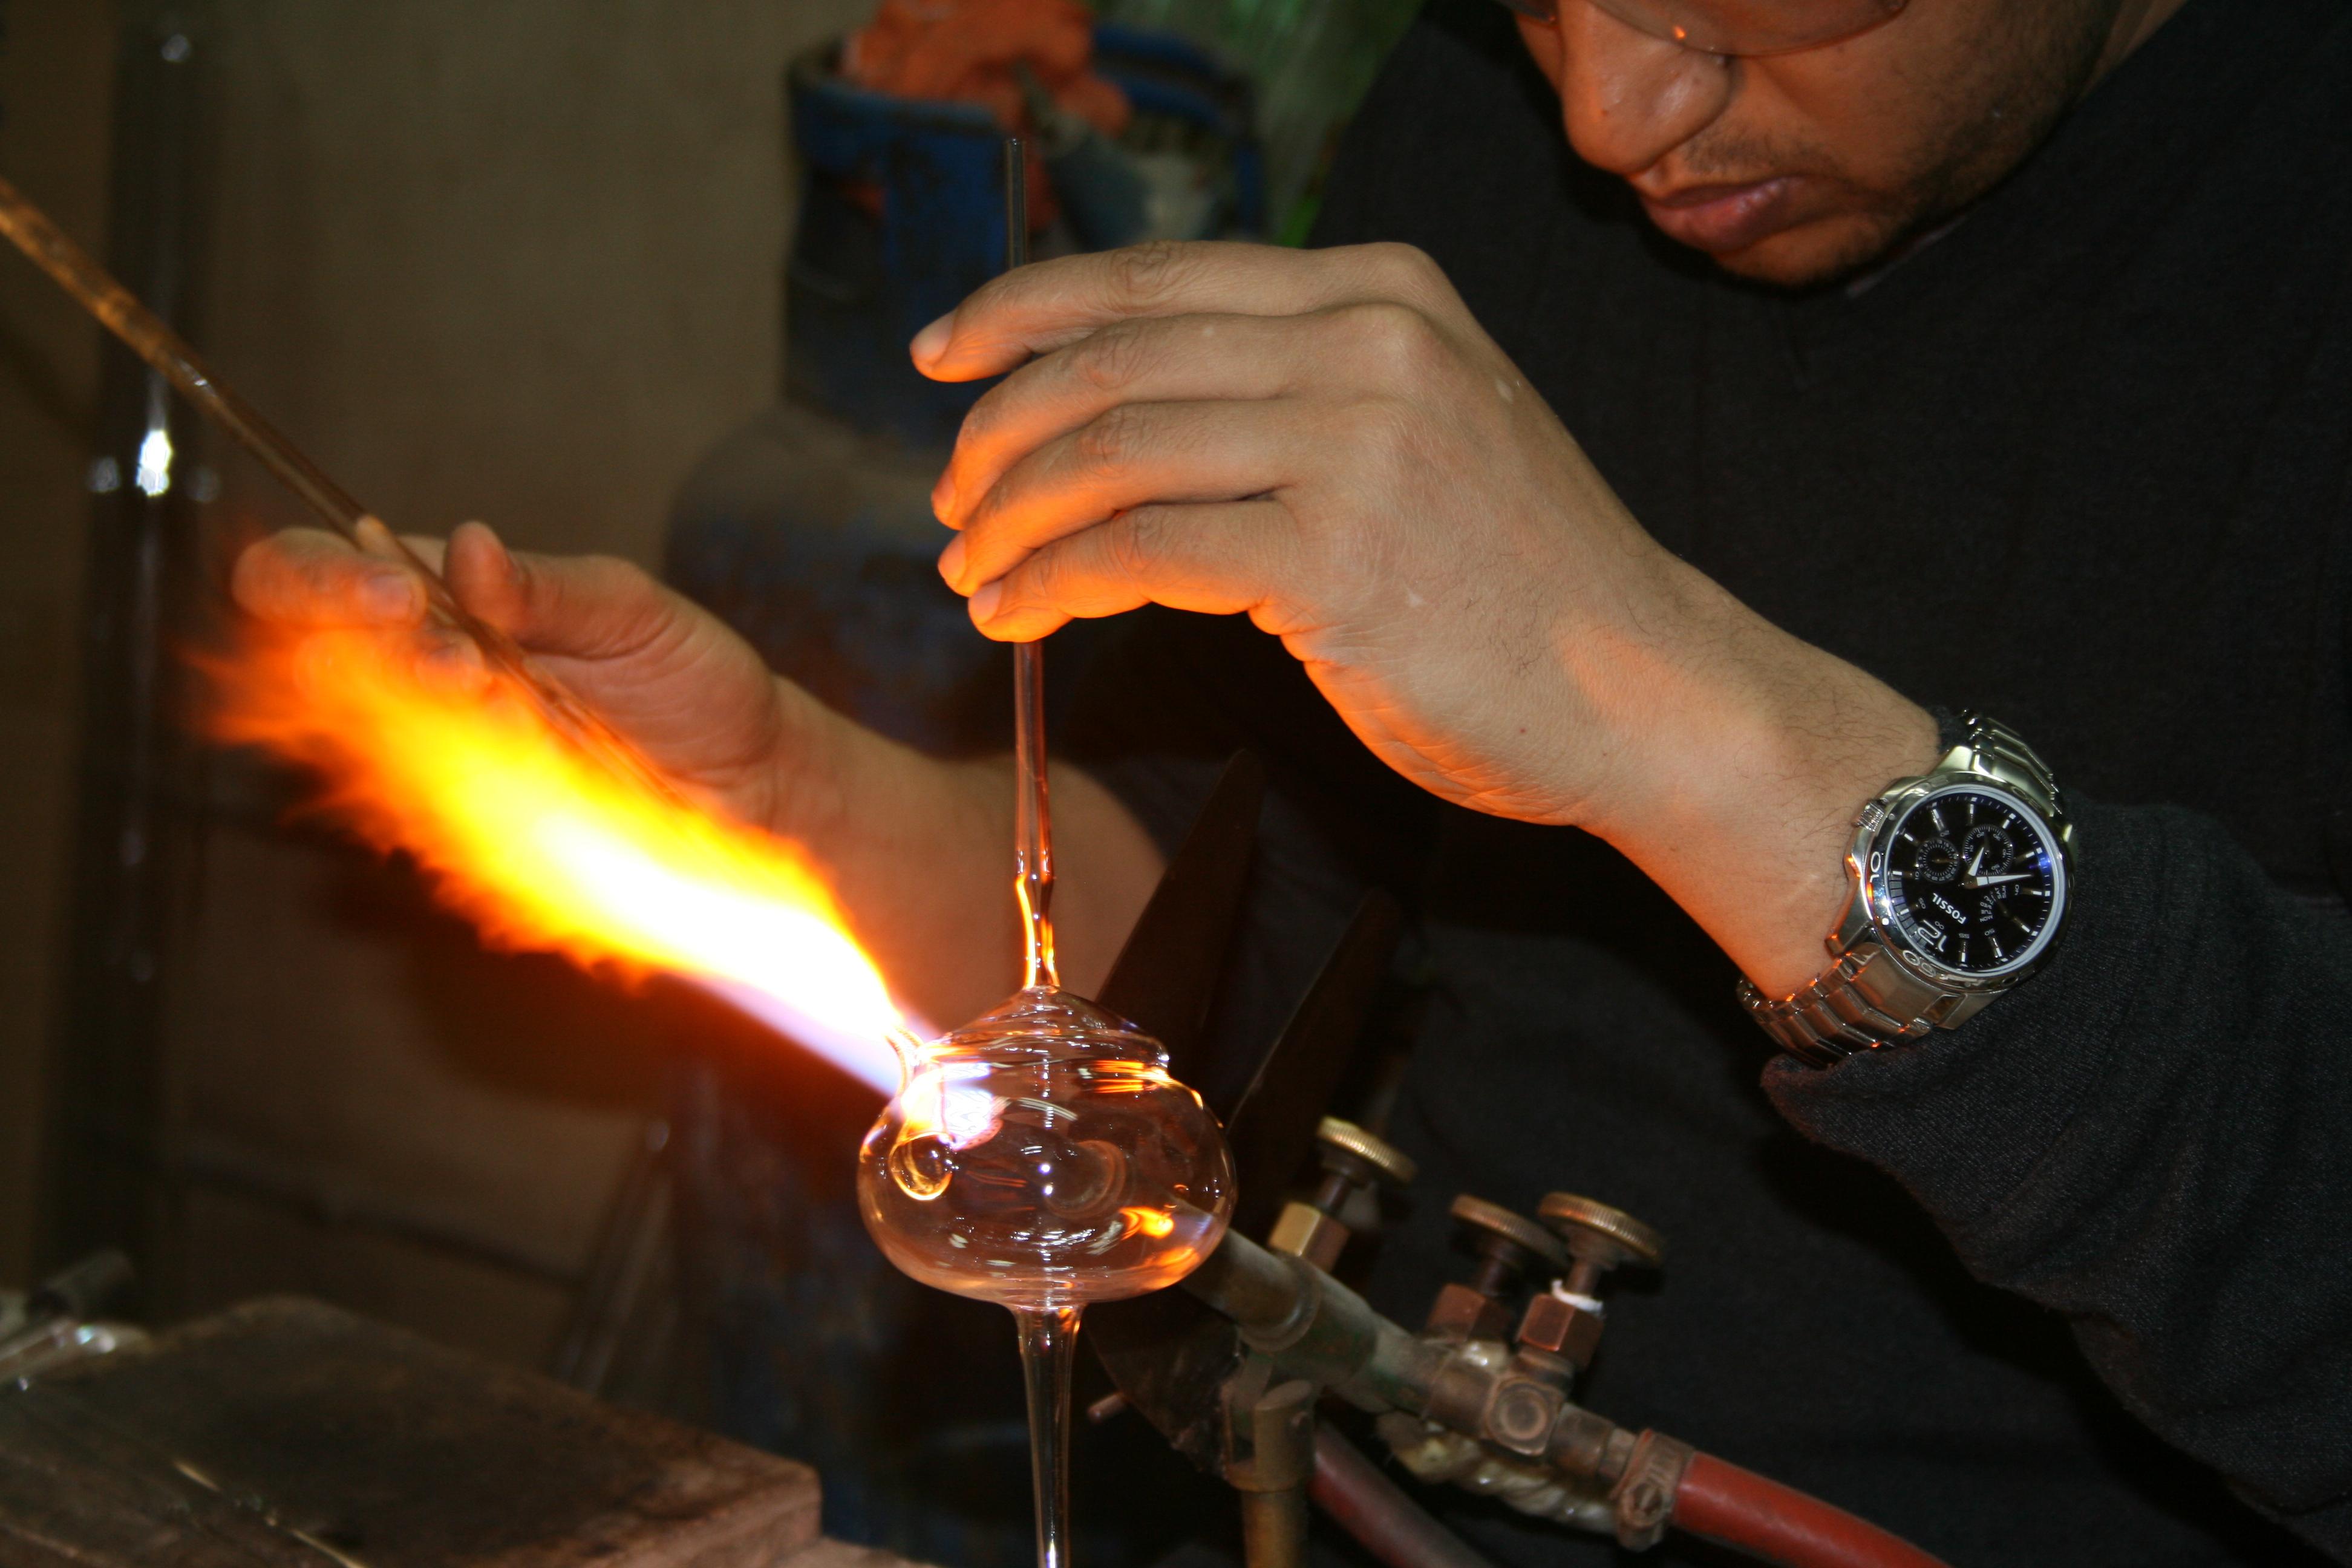 Produktionsprozess Parfumflakons_9